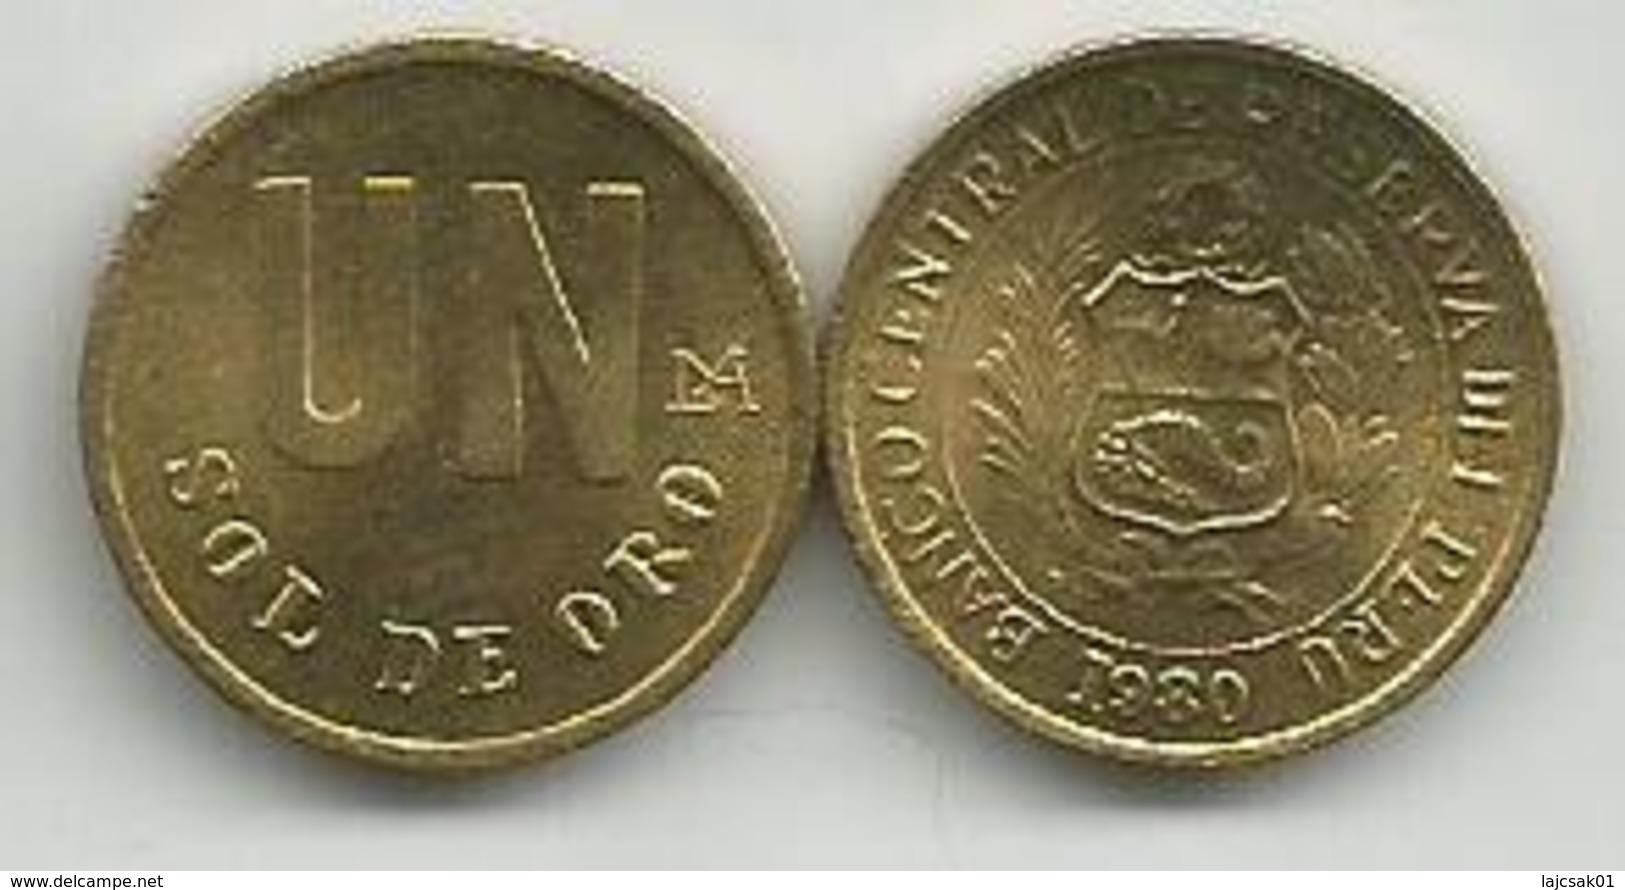 Peru 1 Un Sol De Oro  1980. High Grade - Pérou